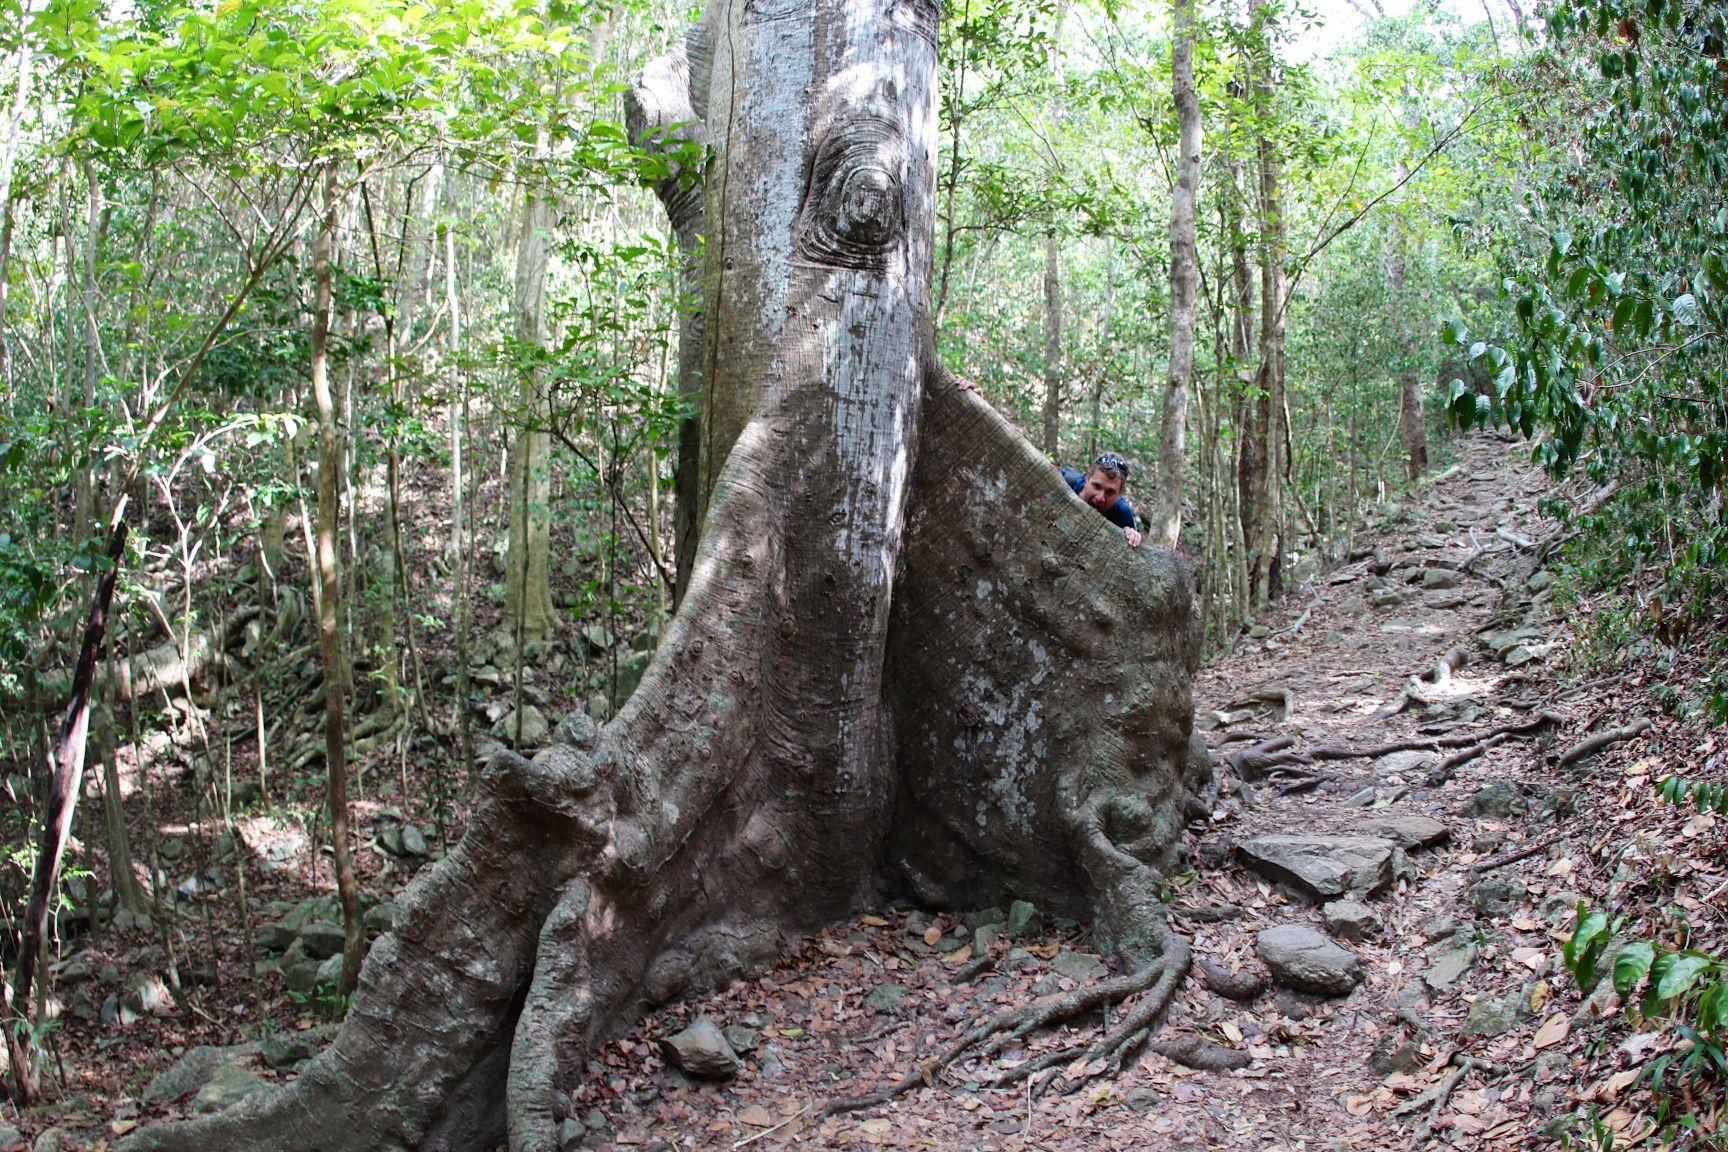 Virgin islands state tree